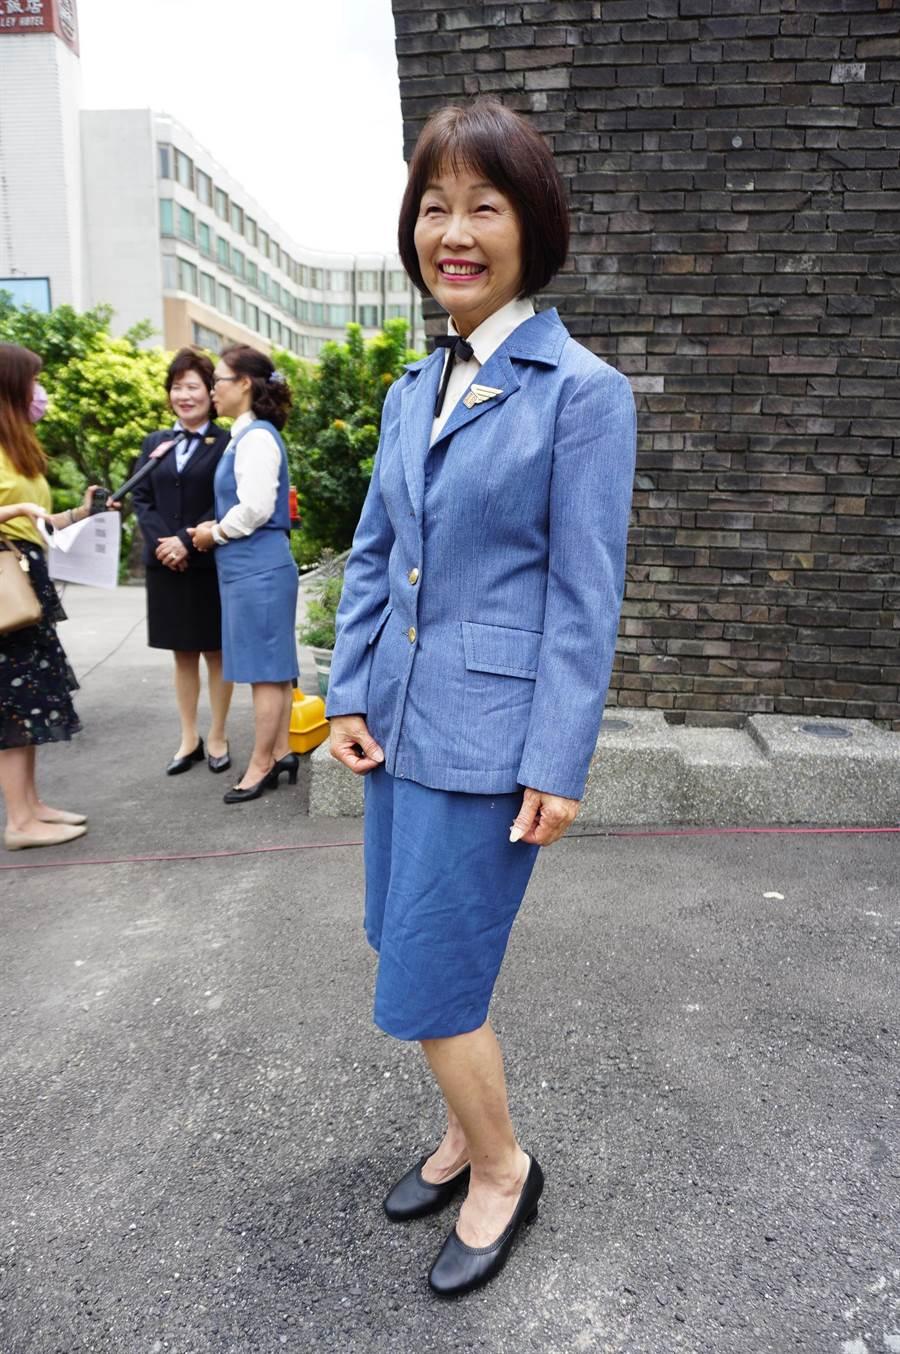 61歲張麗美穿著金馬號小姐原版制服現身。(王文吉攝)